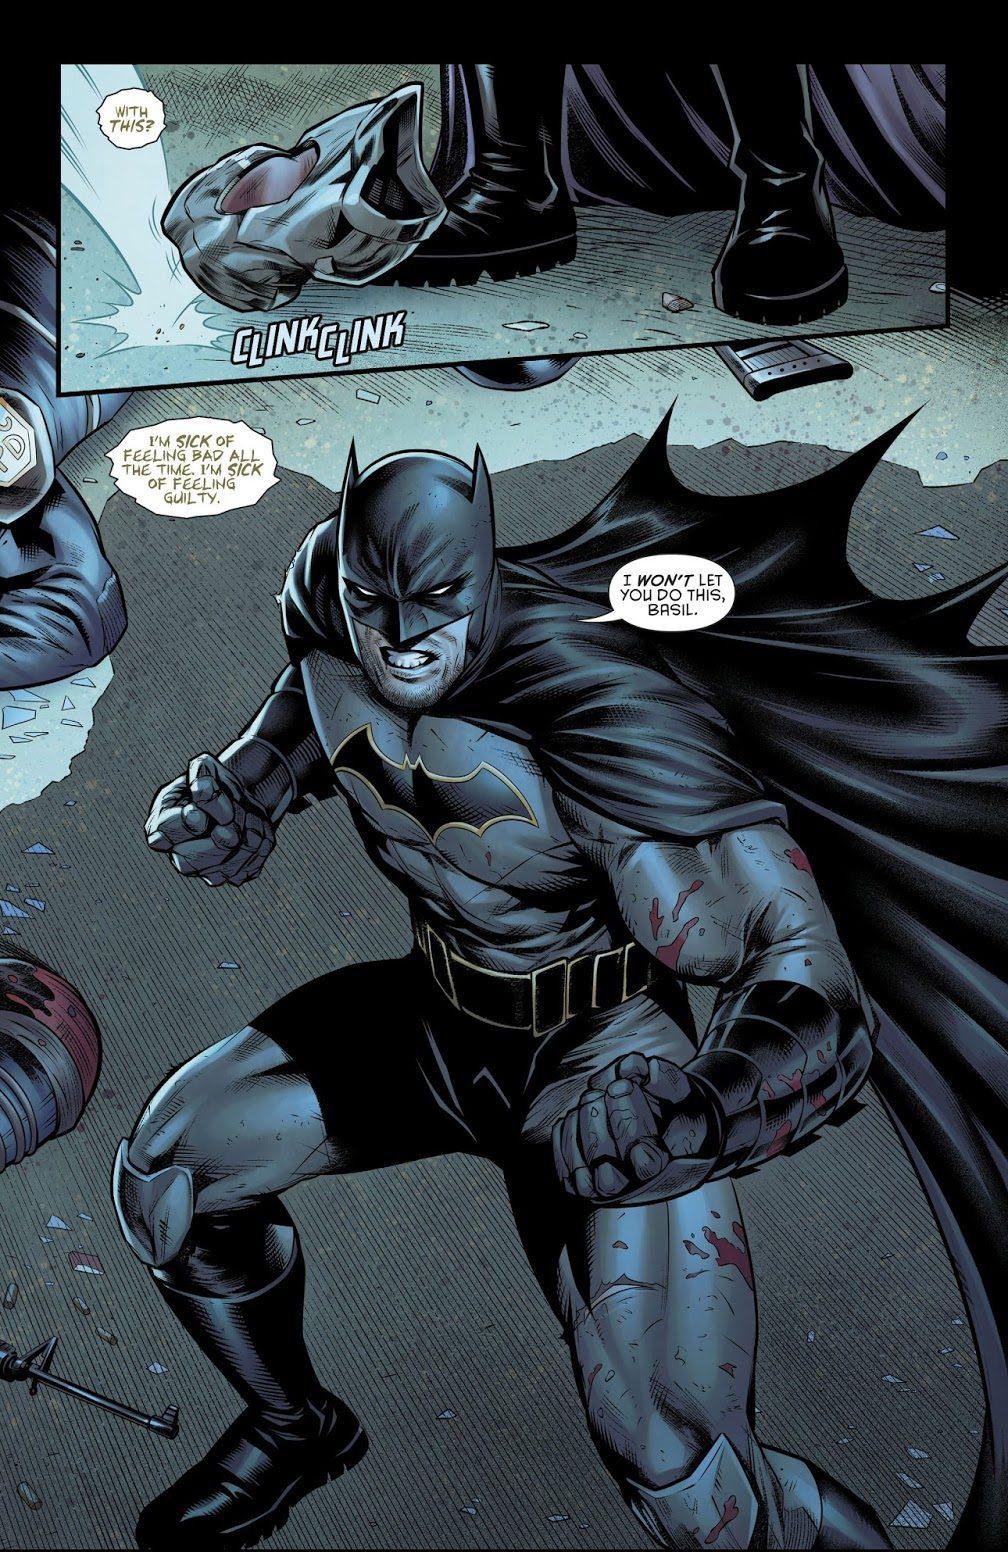 Batman (Detective Comics #971)